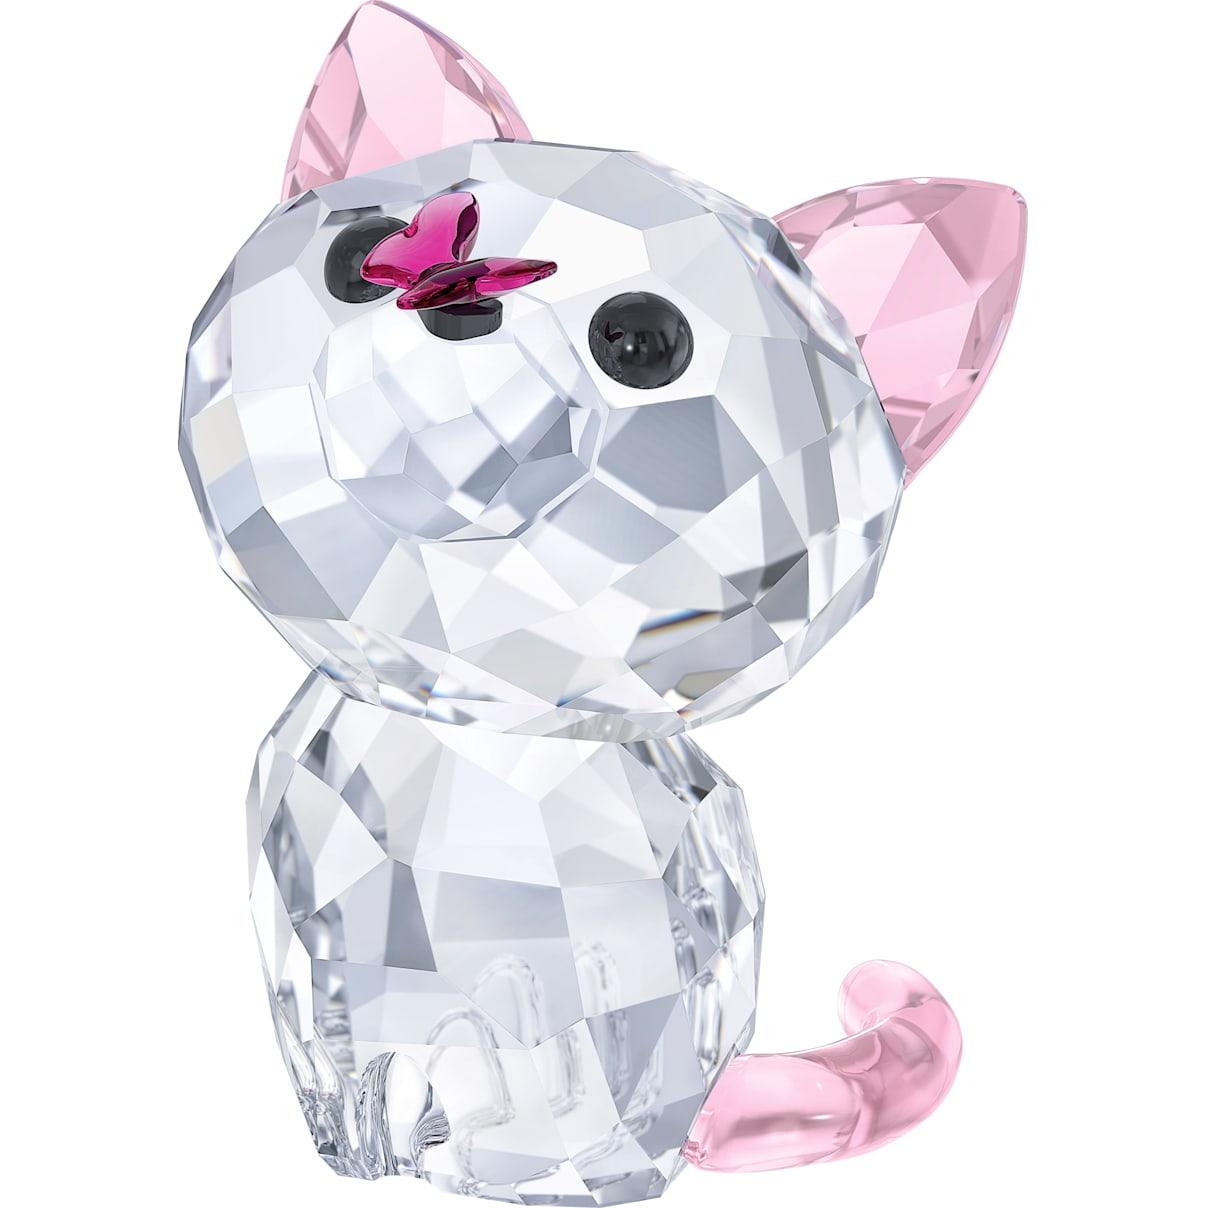 Swarovski Kitten - Millie the American Shorthair